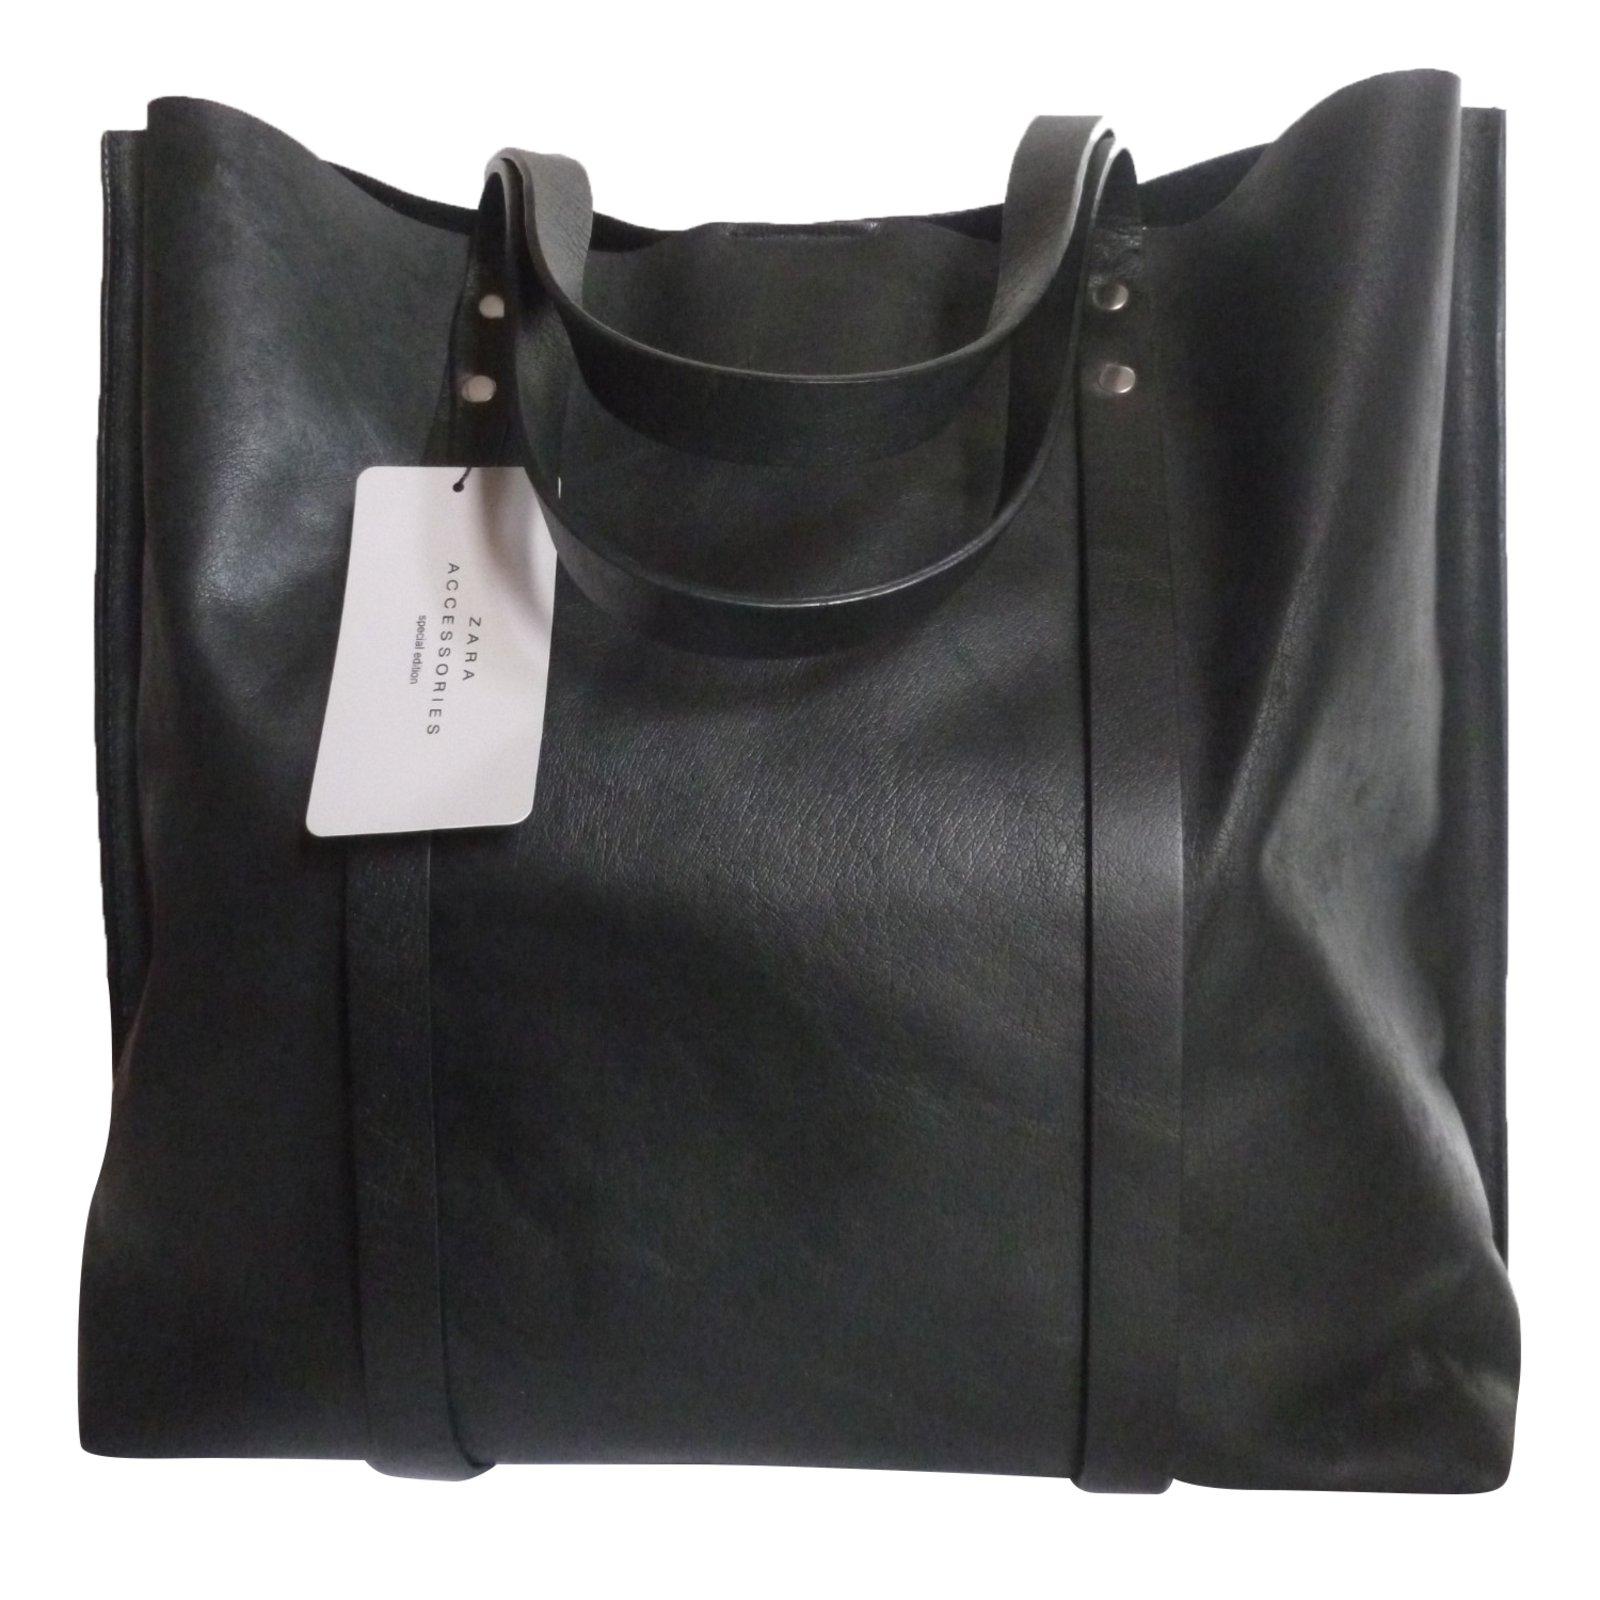 Main Cuir Ref 78278 À Joli Zara Noir Sacs Closet hQBtsrCxdo